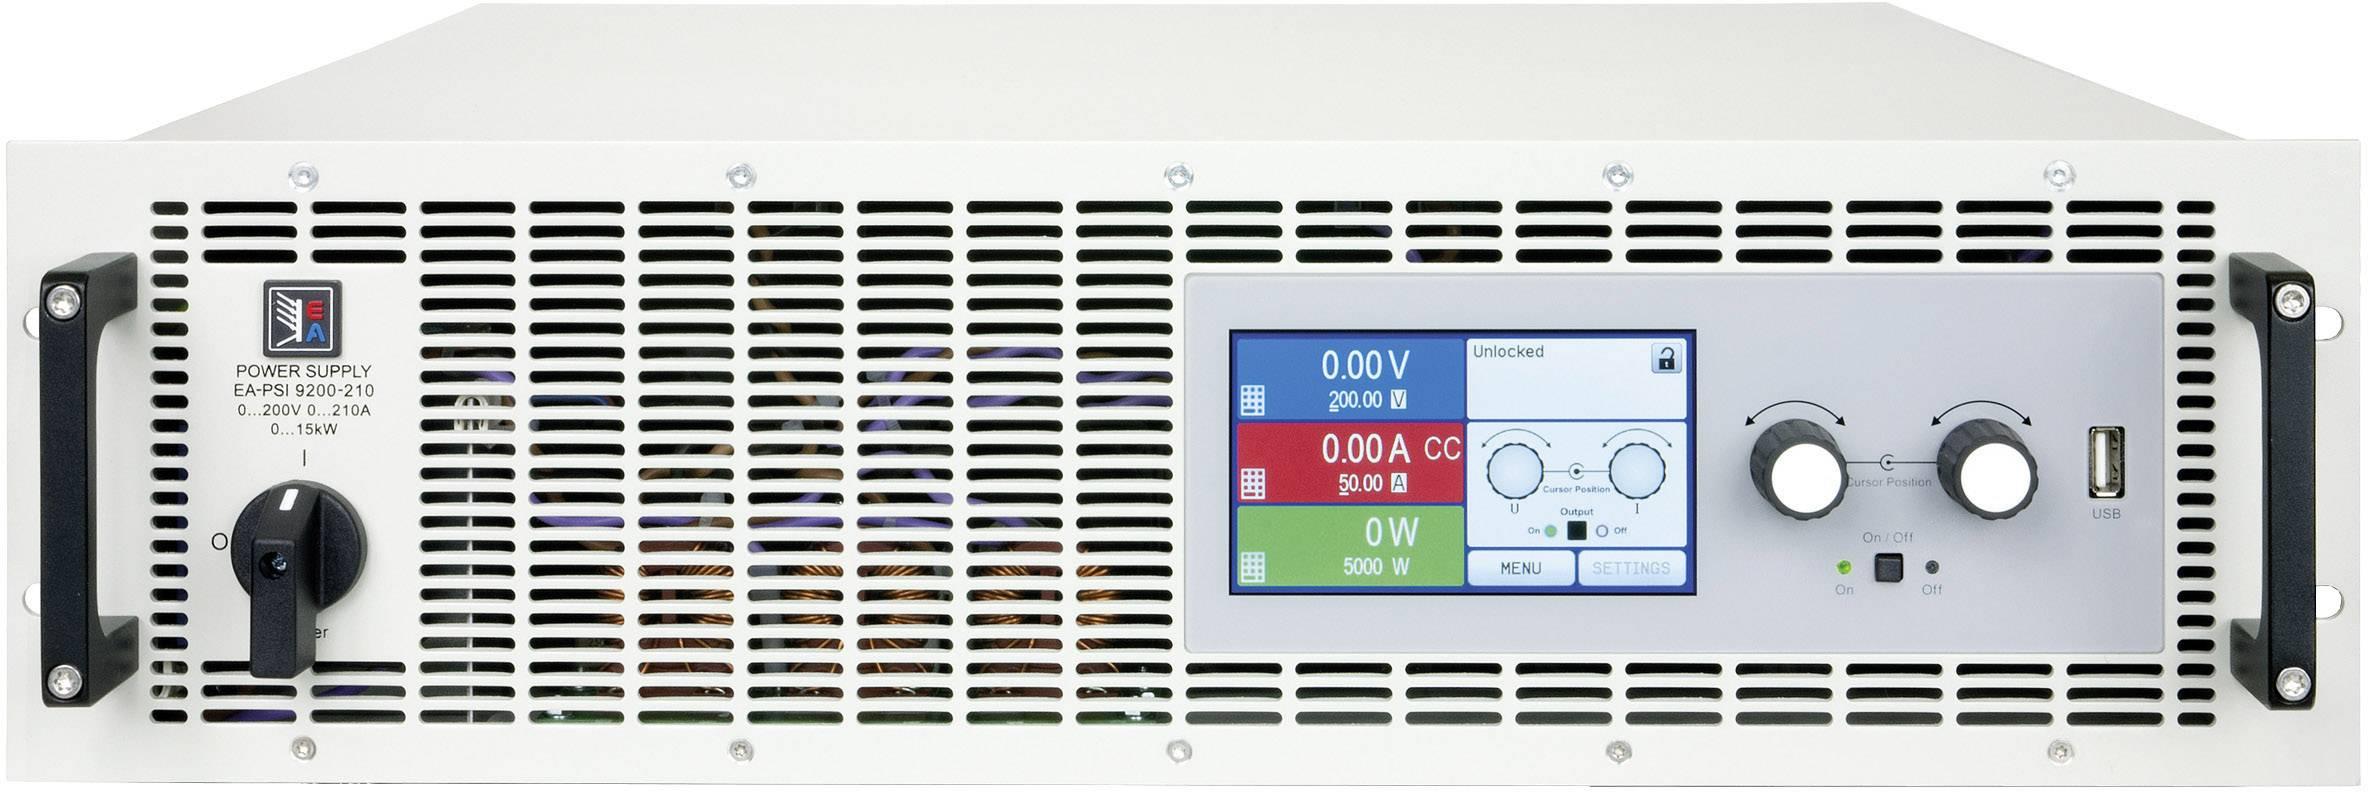 Programovateľný laboratórny zdroj EA EA-PSI 9040-170, 3U, 40 V, 170 A, 3300 W, USB